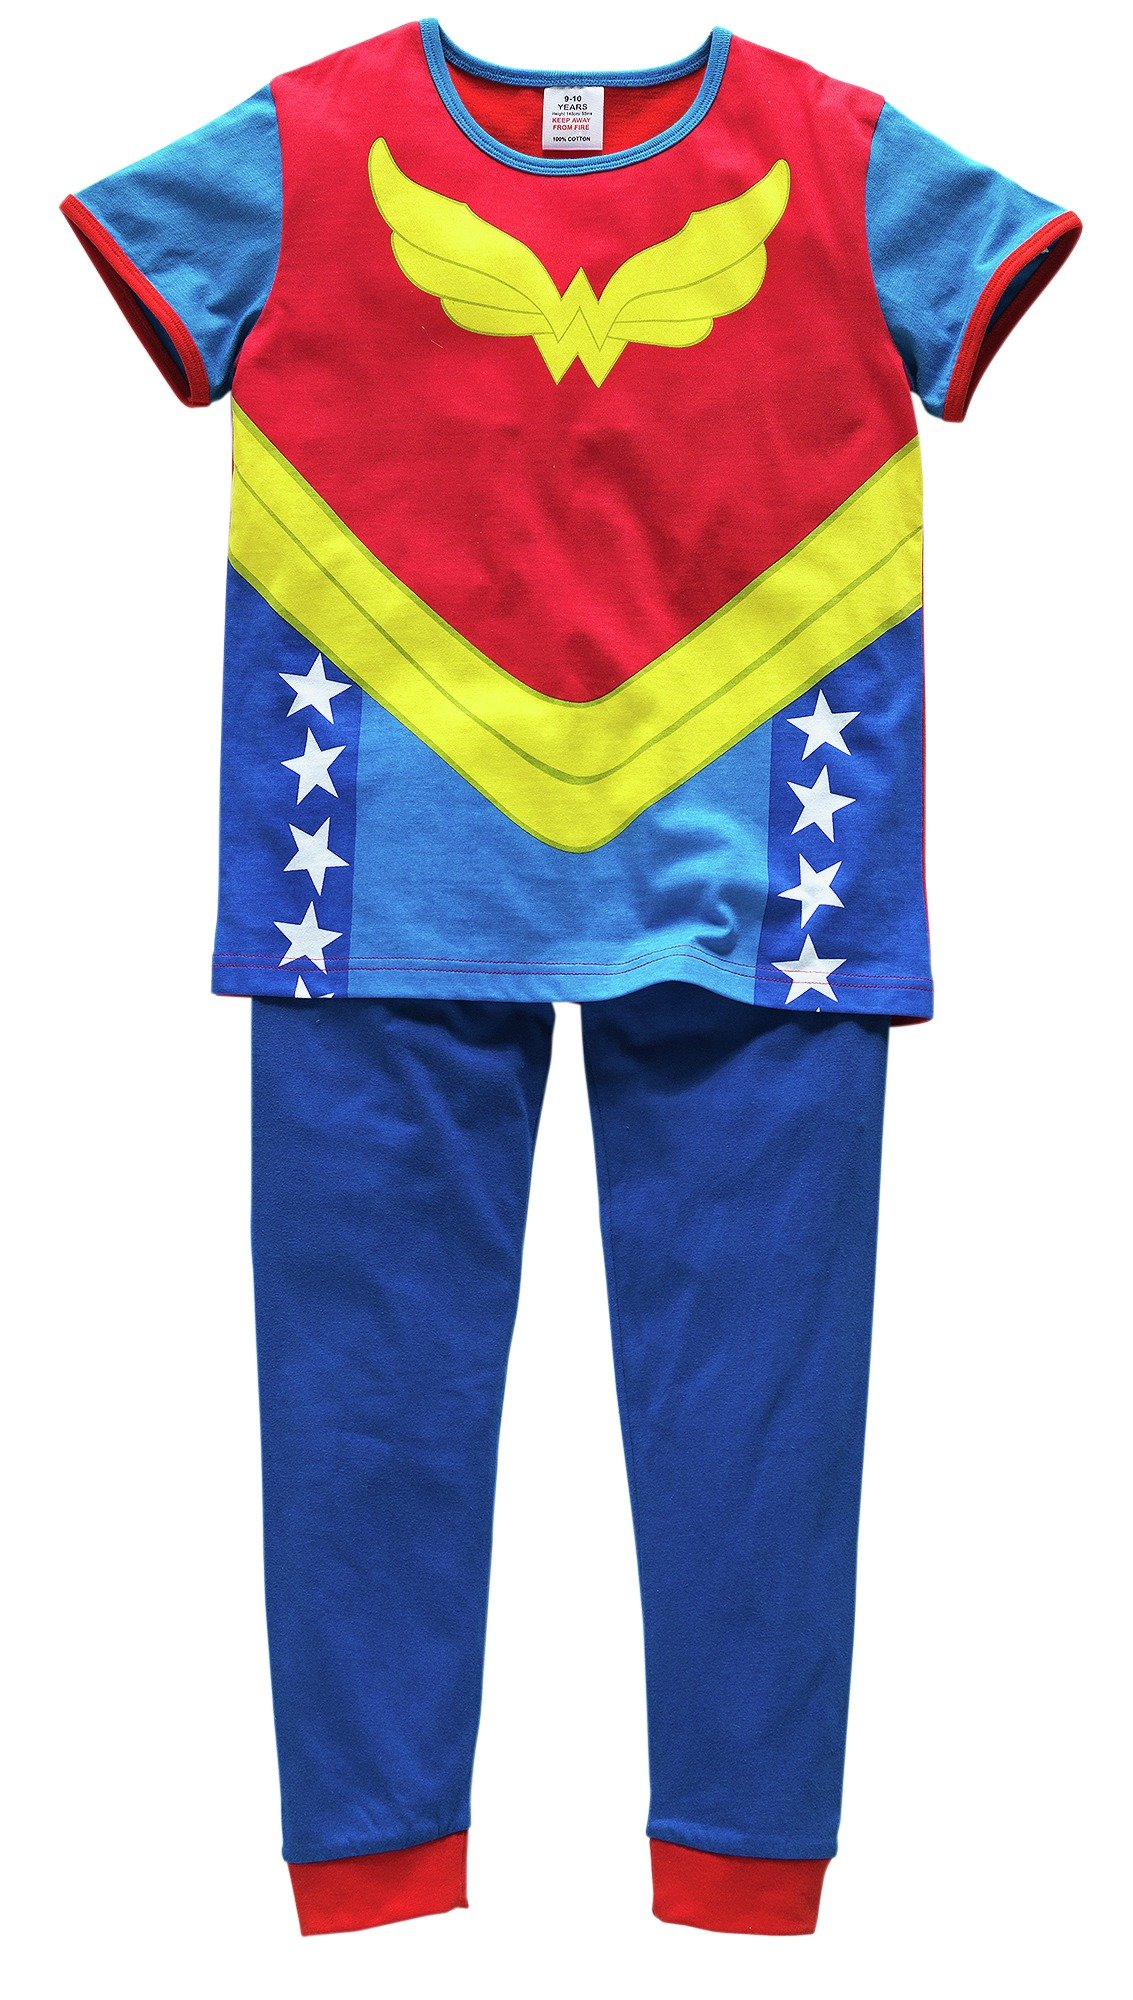 Image of DC - Girls Wonder Woman Cotton Pyjamas - 9-10 Years